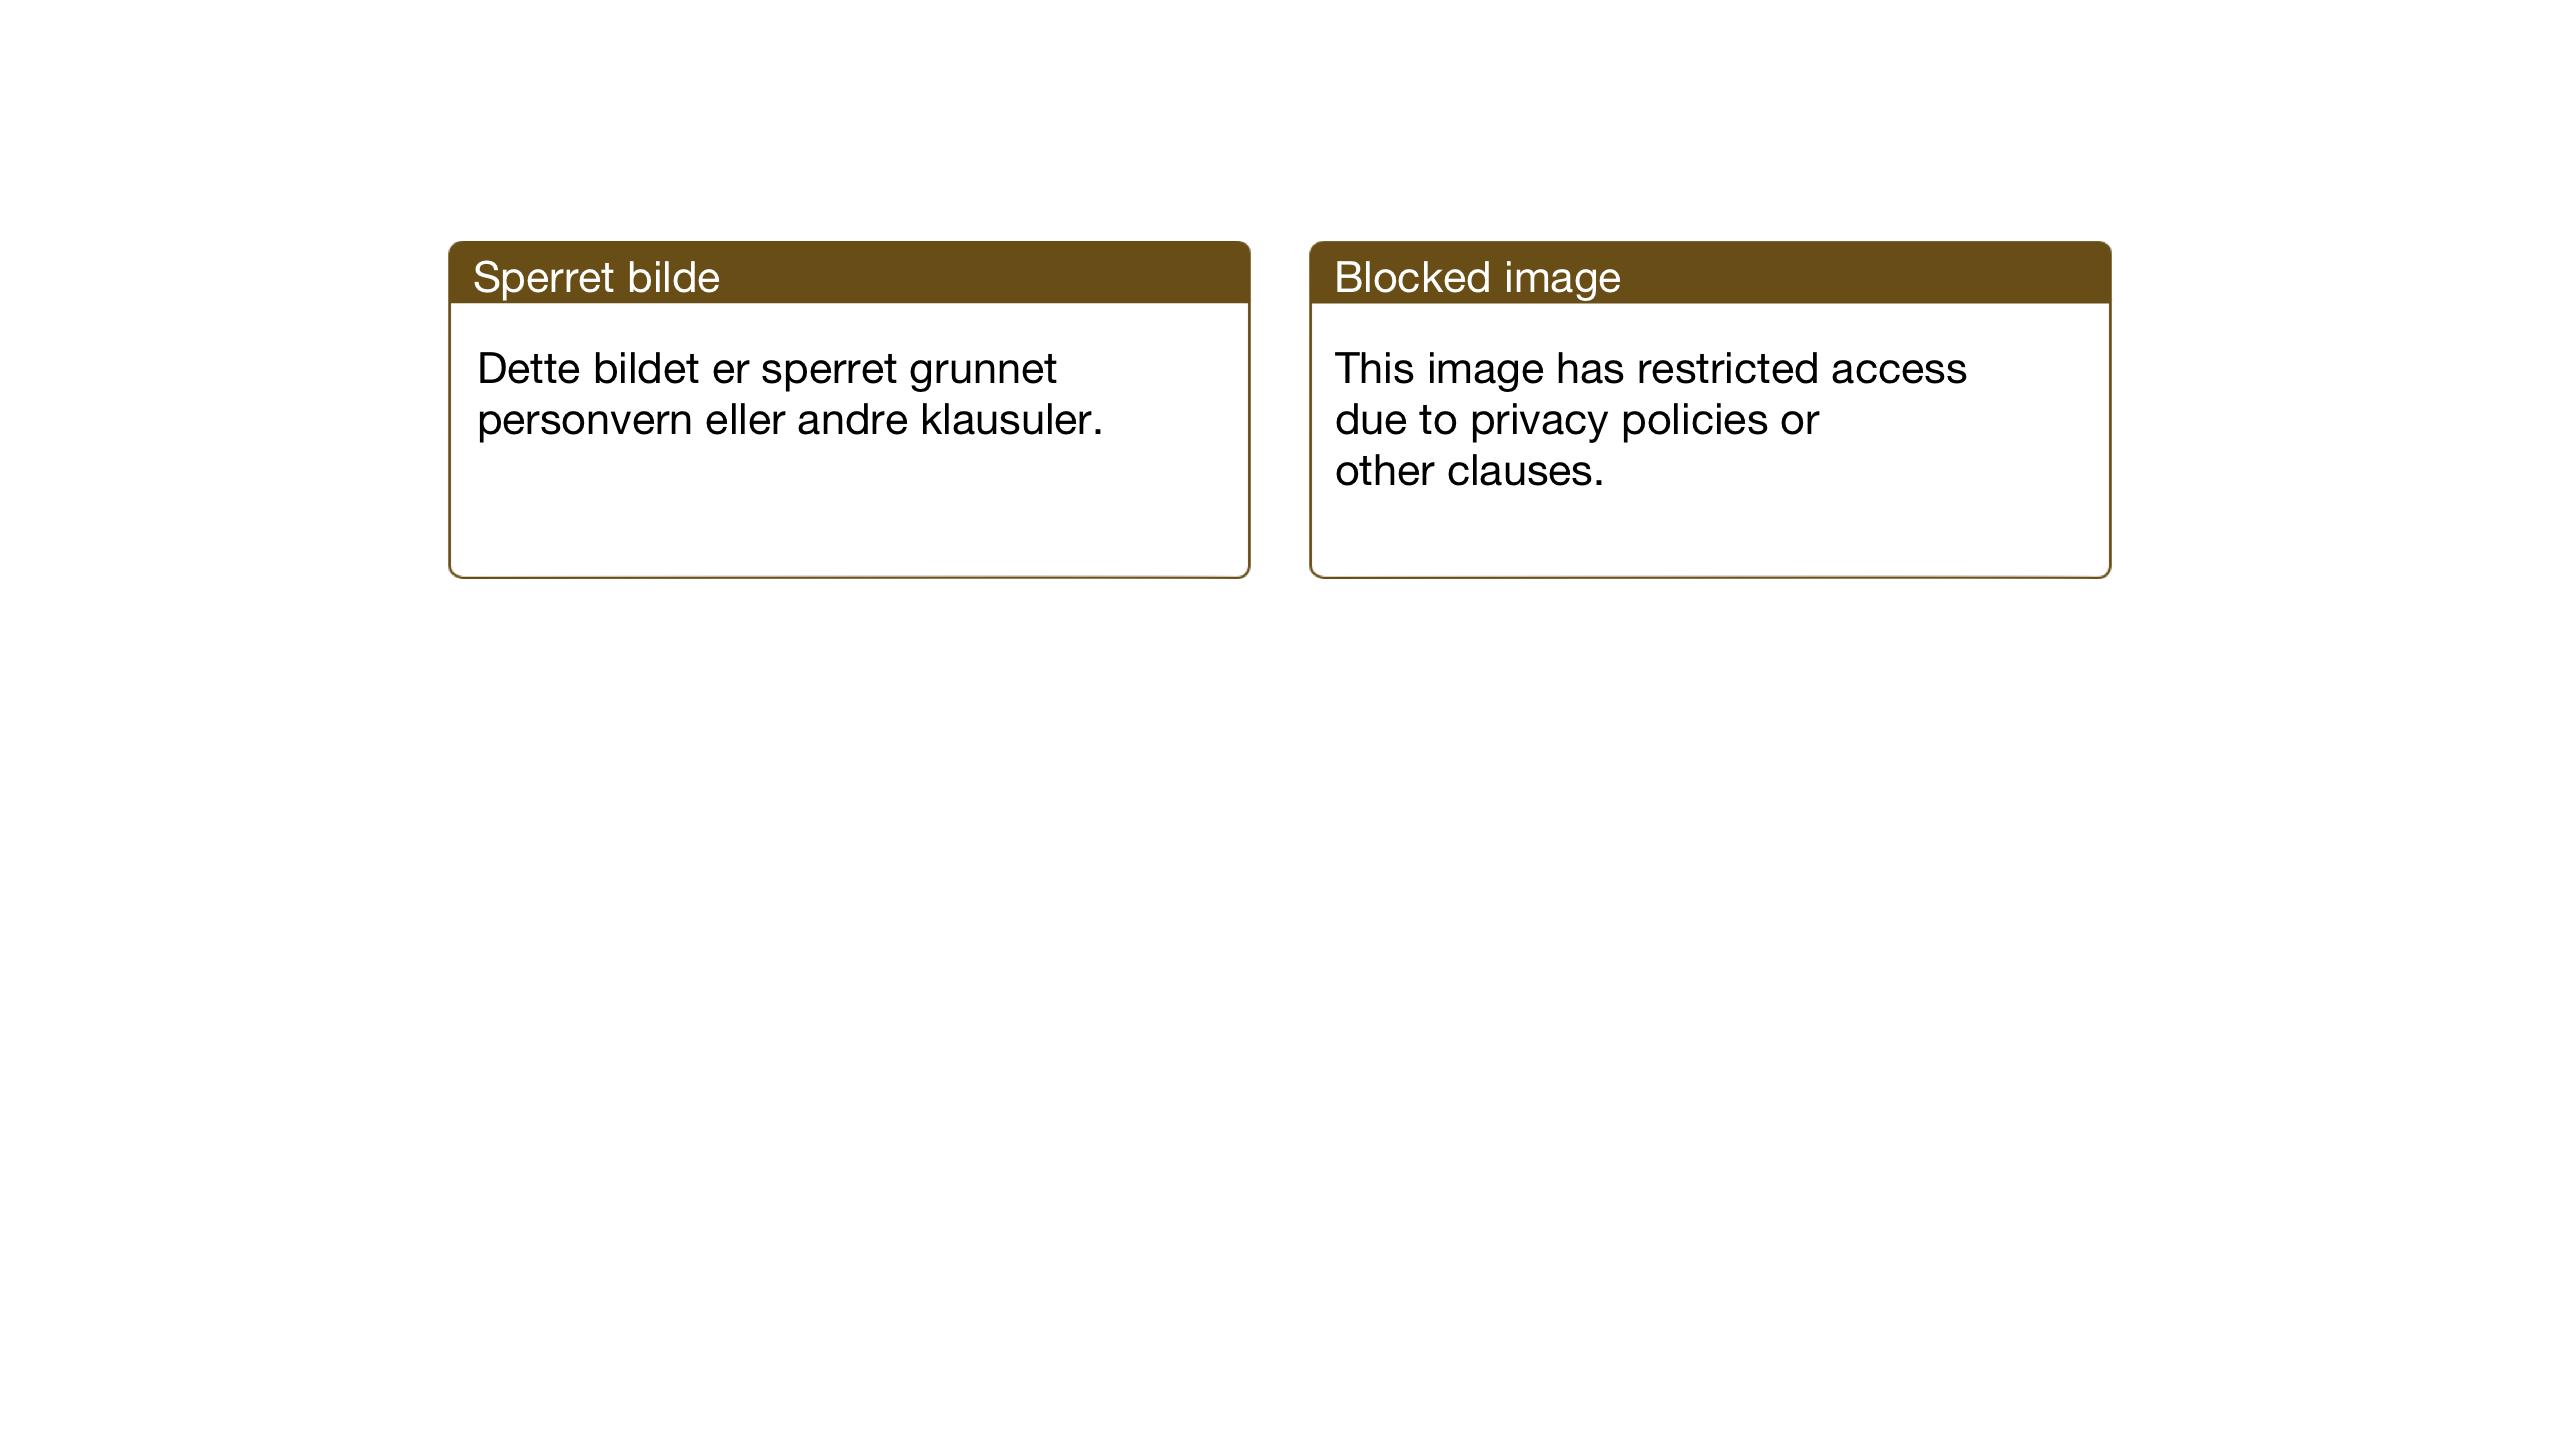 SAT, Ministerialprotokoller, klokkerbøker og fødselsregistre - Sør-Trøndelag, 605/L0259: Klokkerbok nr. 605C06, 1920-1937, s. 266